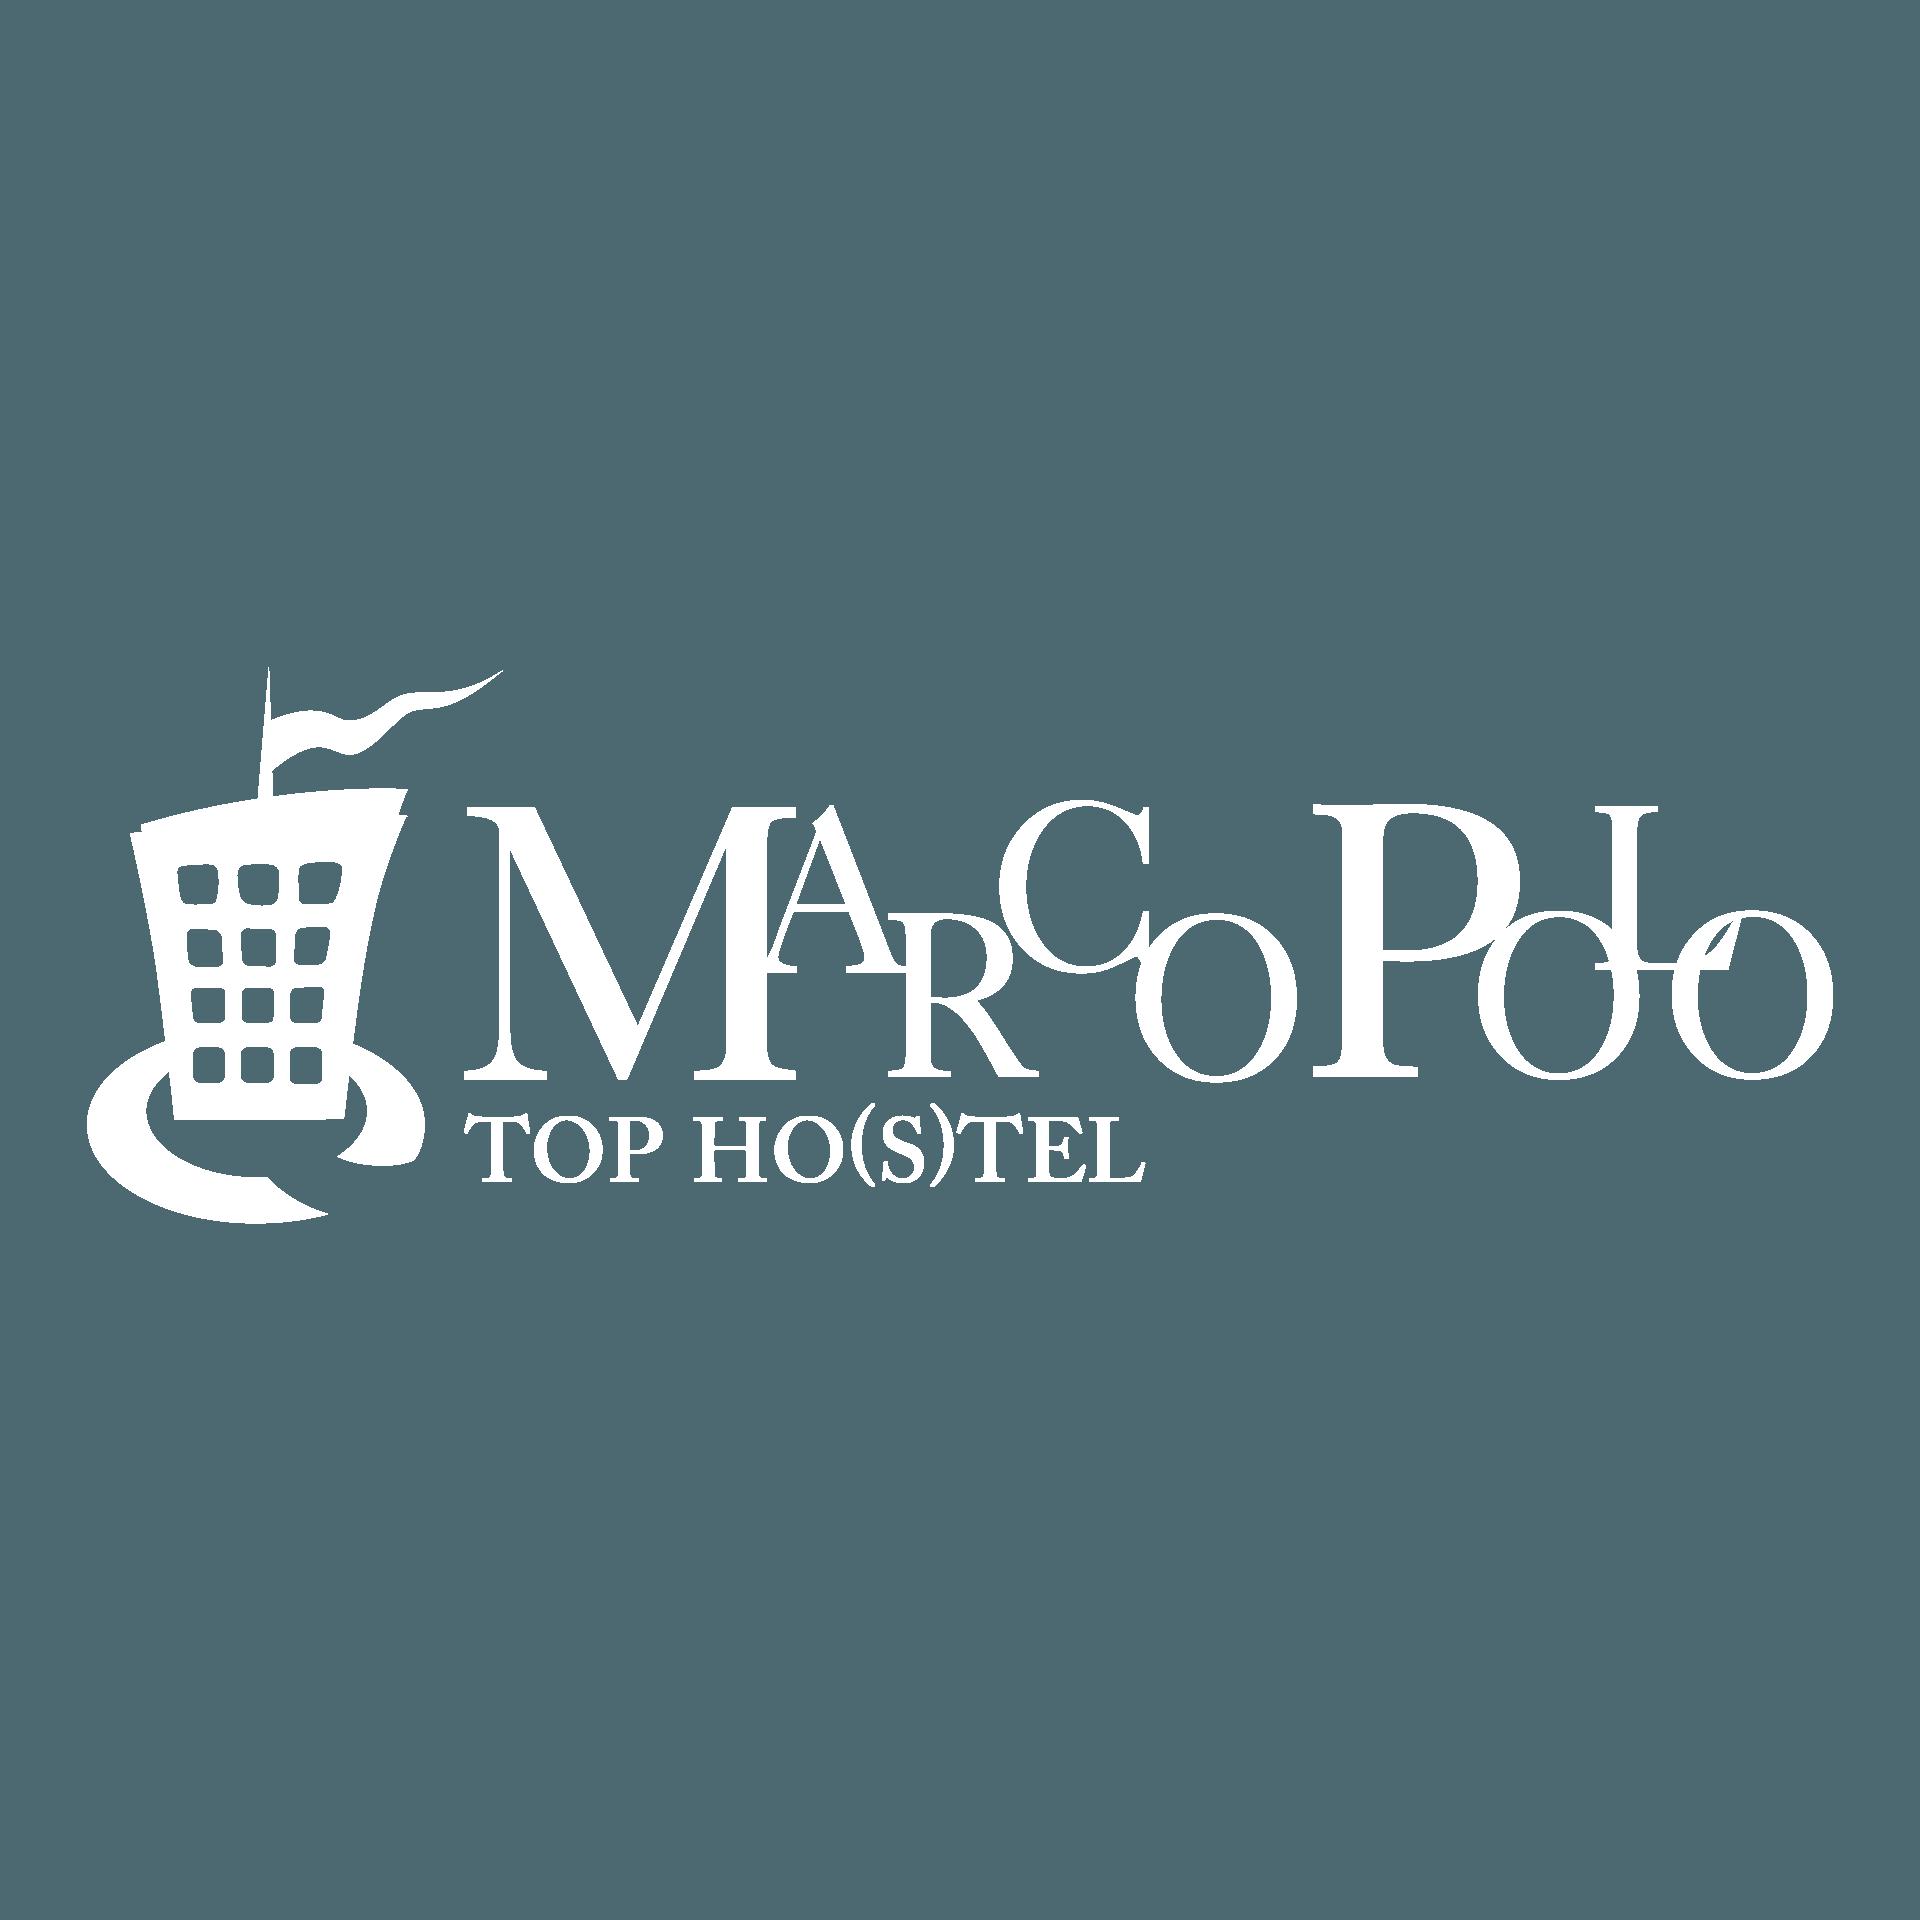 Marco Polo Top Ho(s)tel